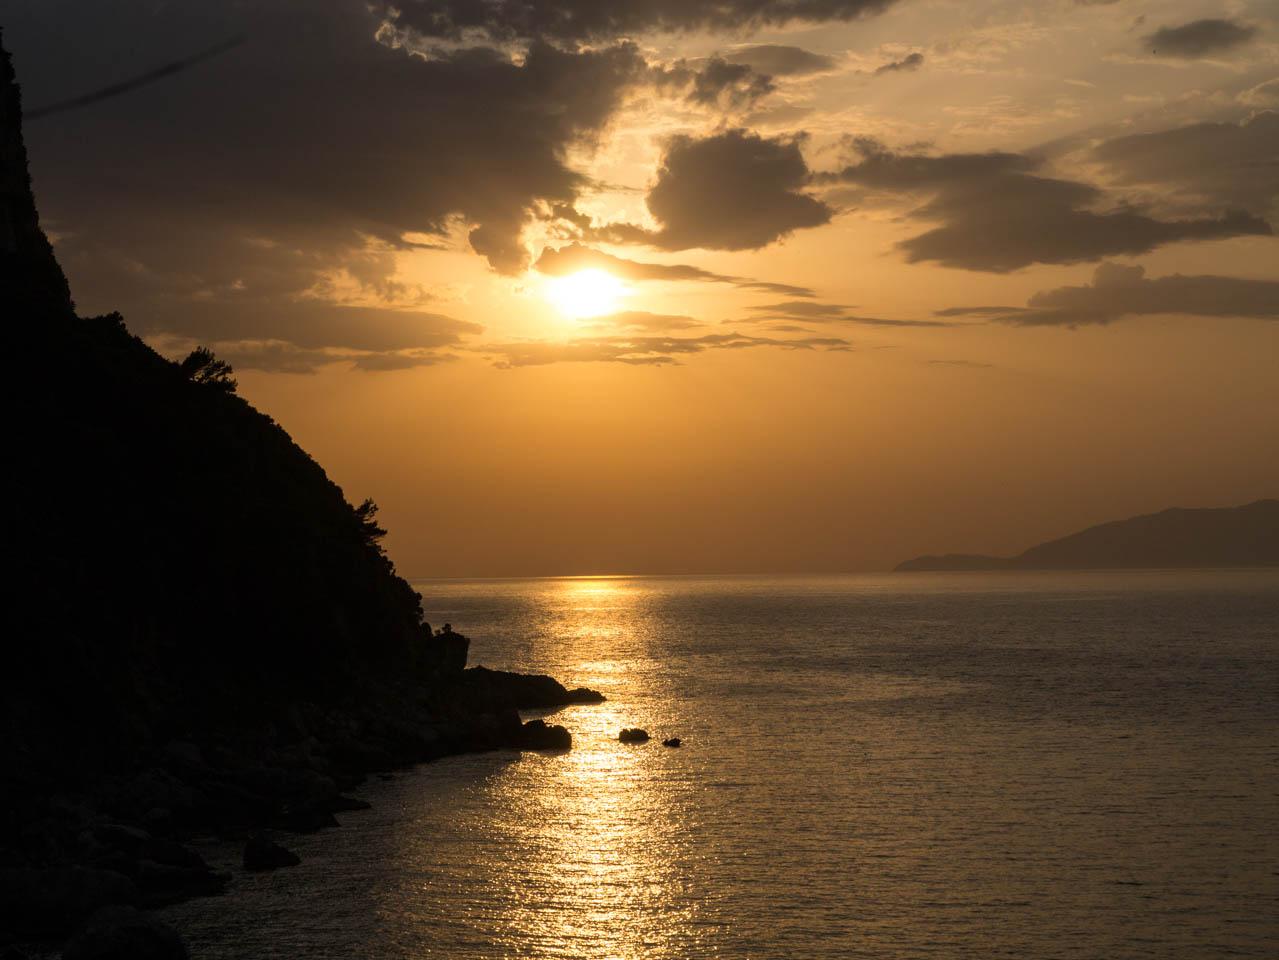 Sonnenuntergang Beginn (1 von 1)